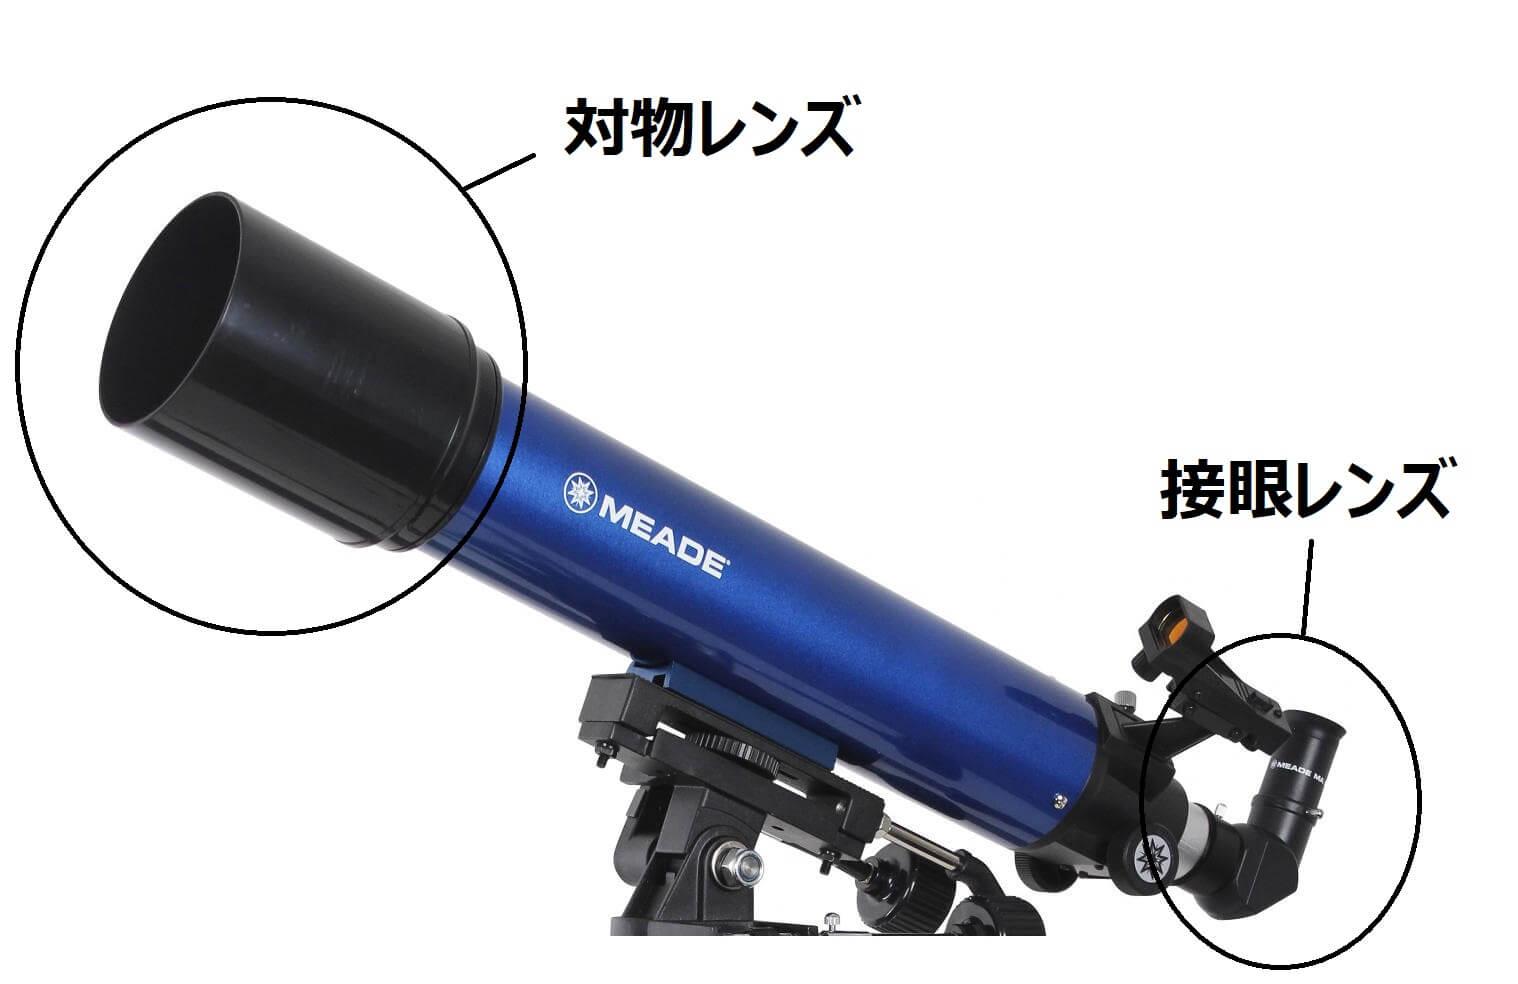 天体望遠鏡の選び方をプロが解説 1. 鏡筒を選ぶ 口径(有効径)で明るさが決まる